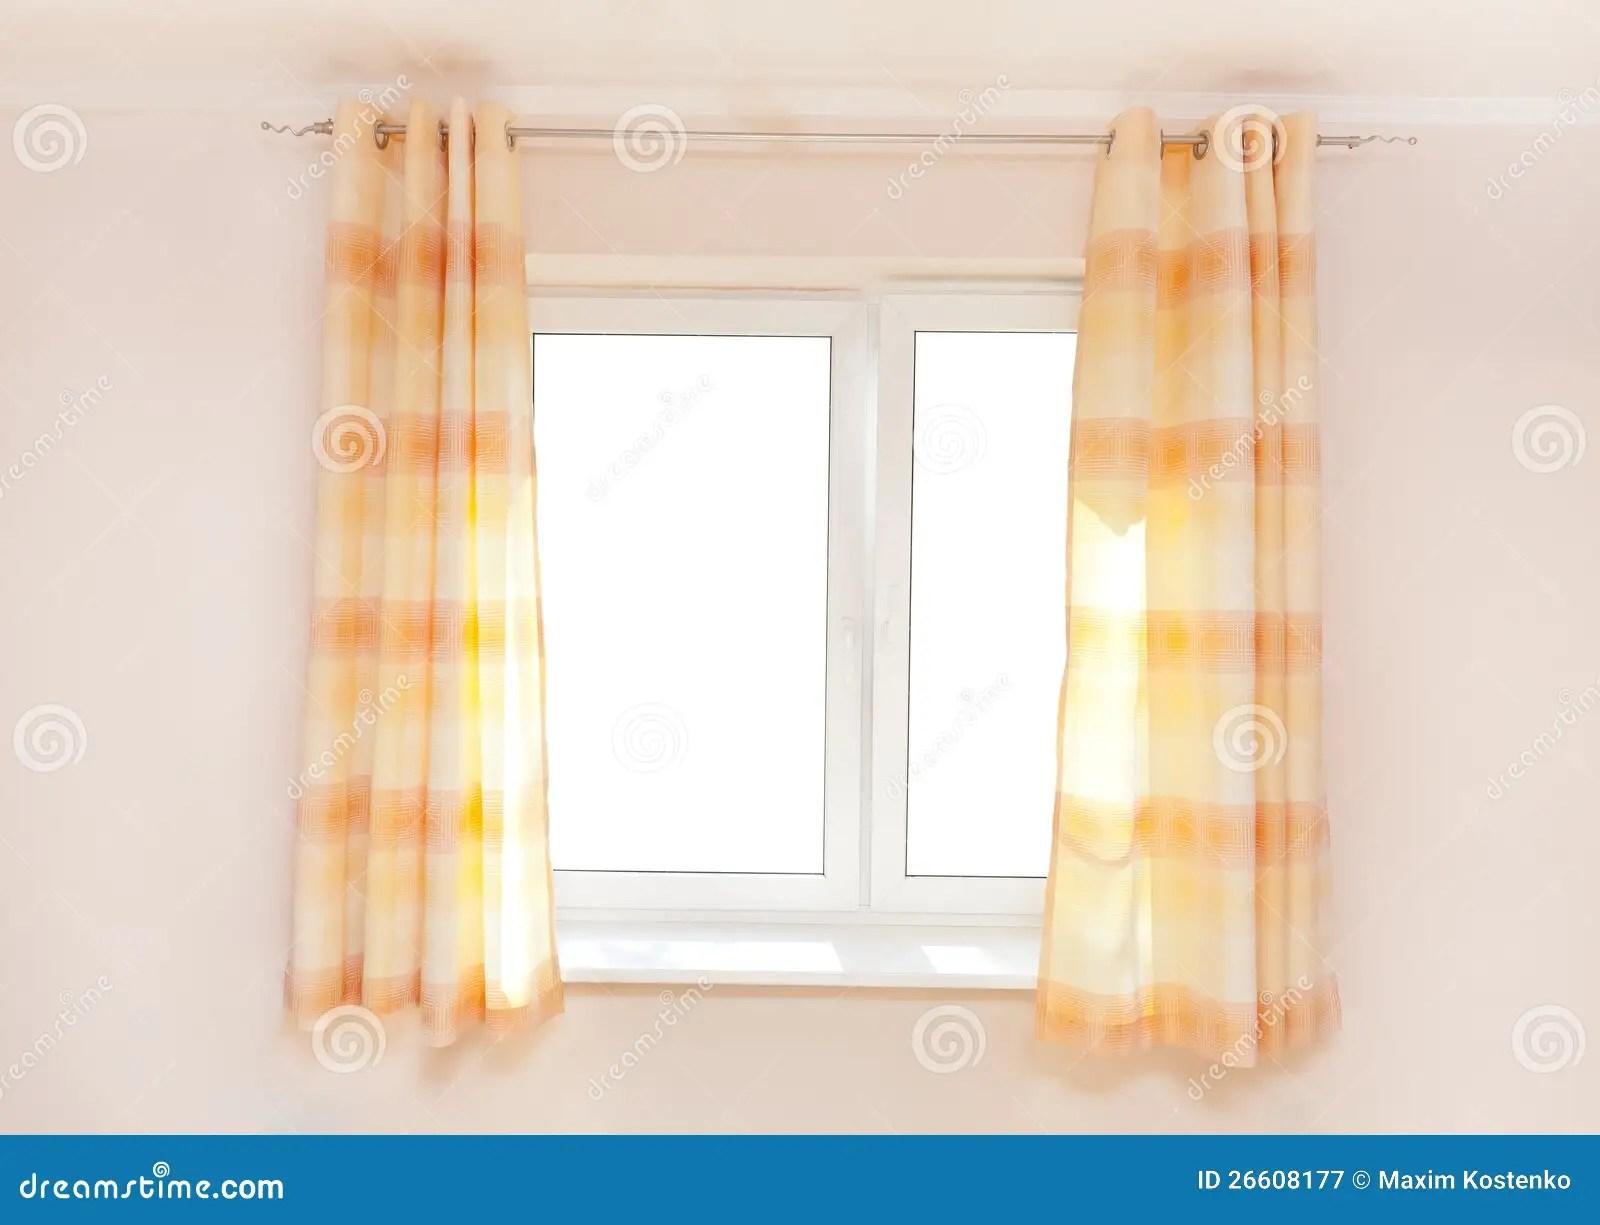 kitchen curtains for sale dishwasher 厨房窗帘库存图片 图片包括有著名 视窗 扭转 金黄 靠山 窗帘 布料 与一个复制空间的厨房窗帘在中间名